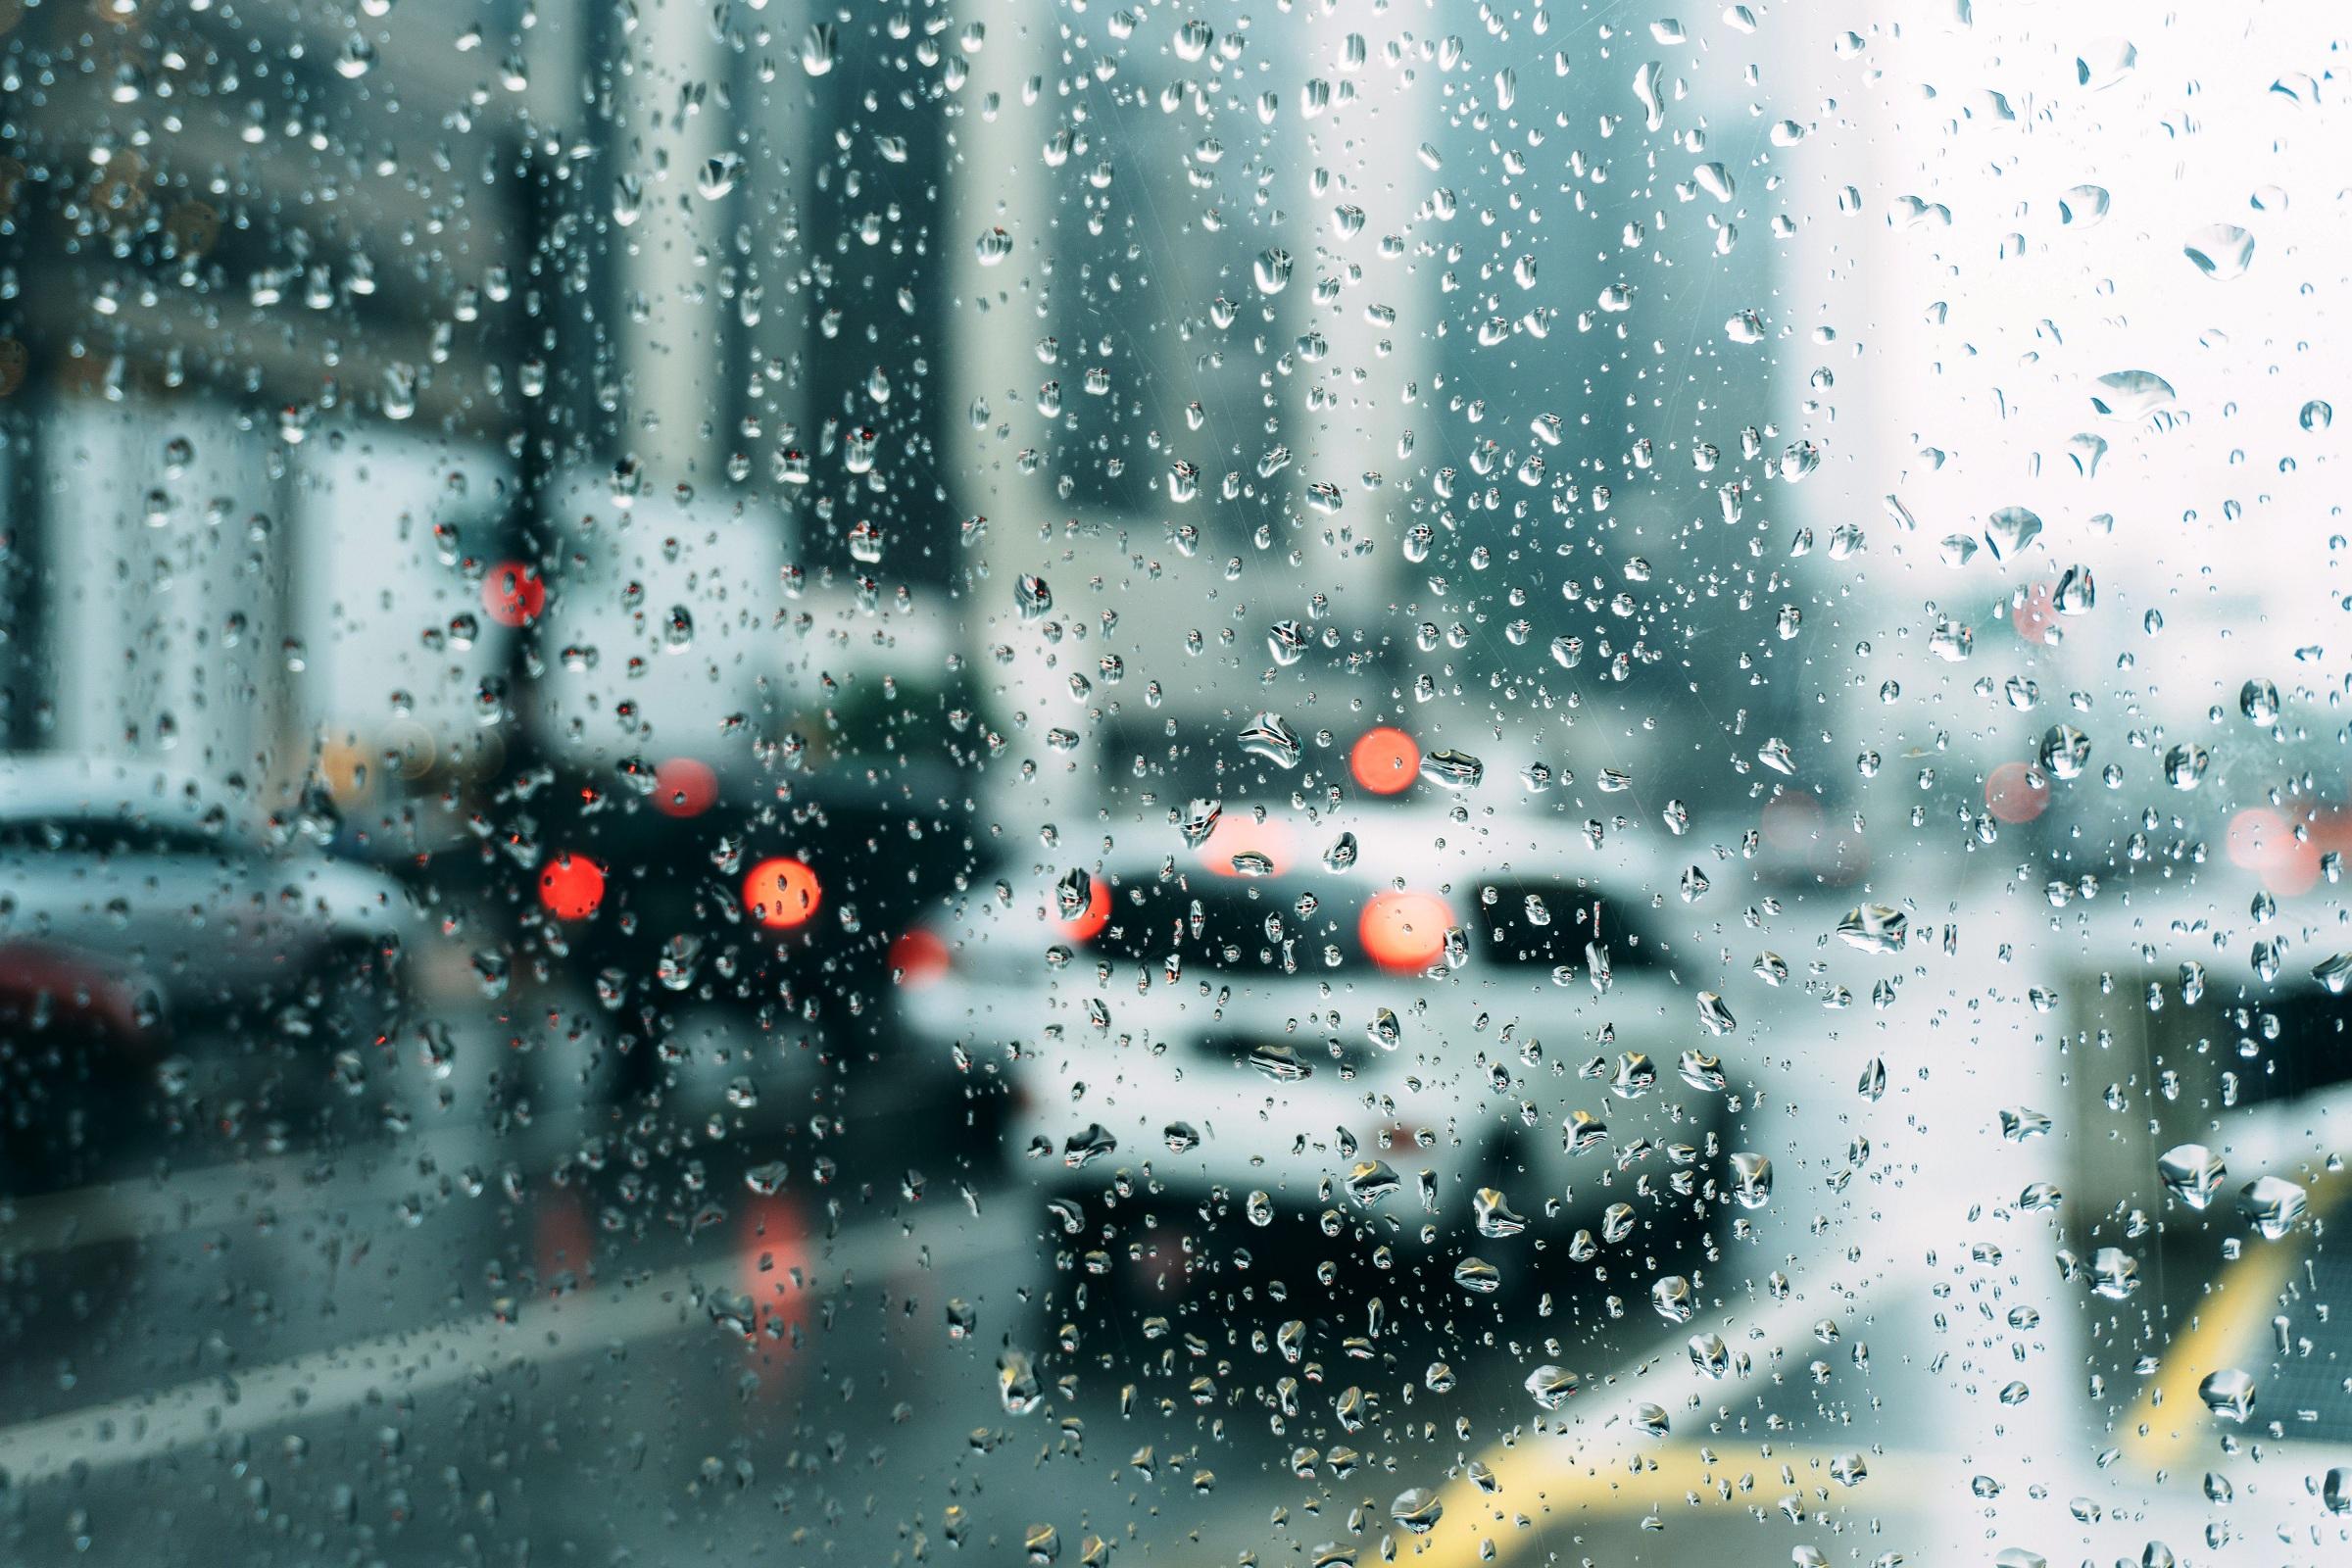 chuva de granizo no carro